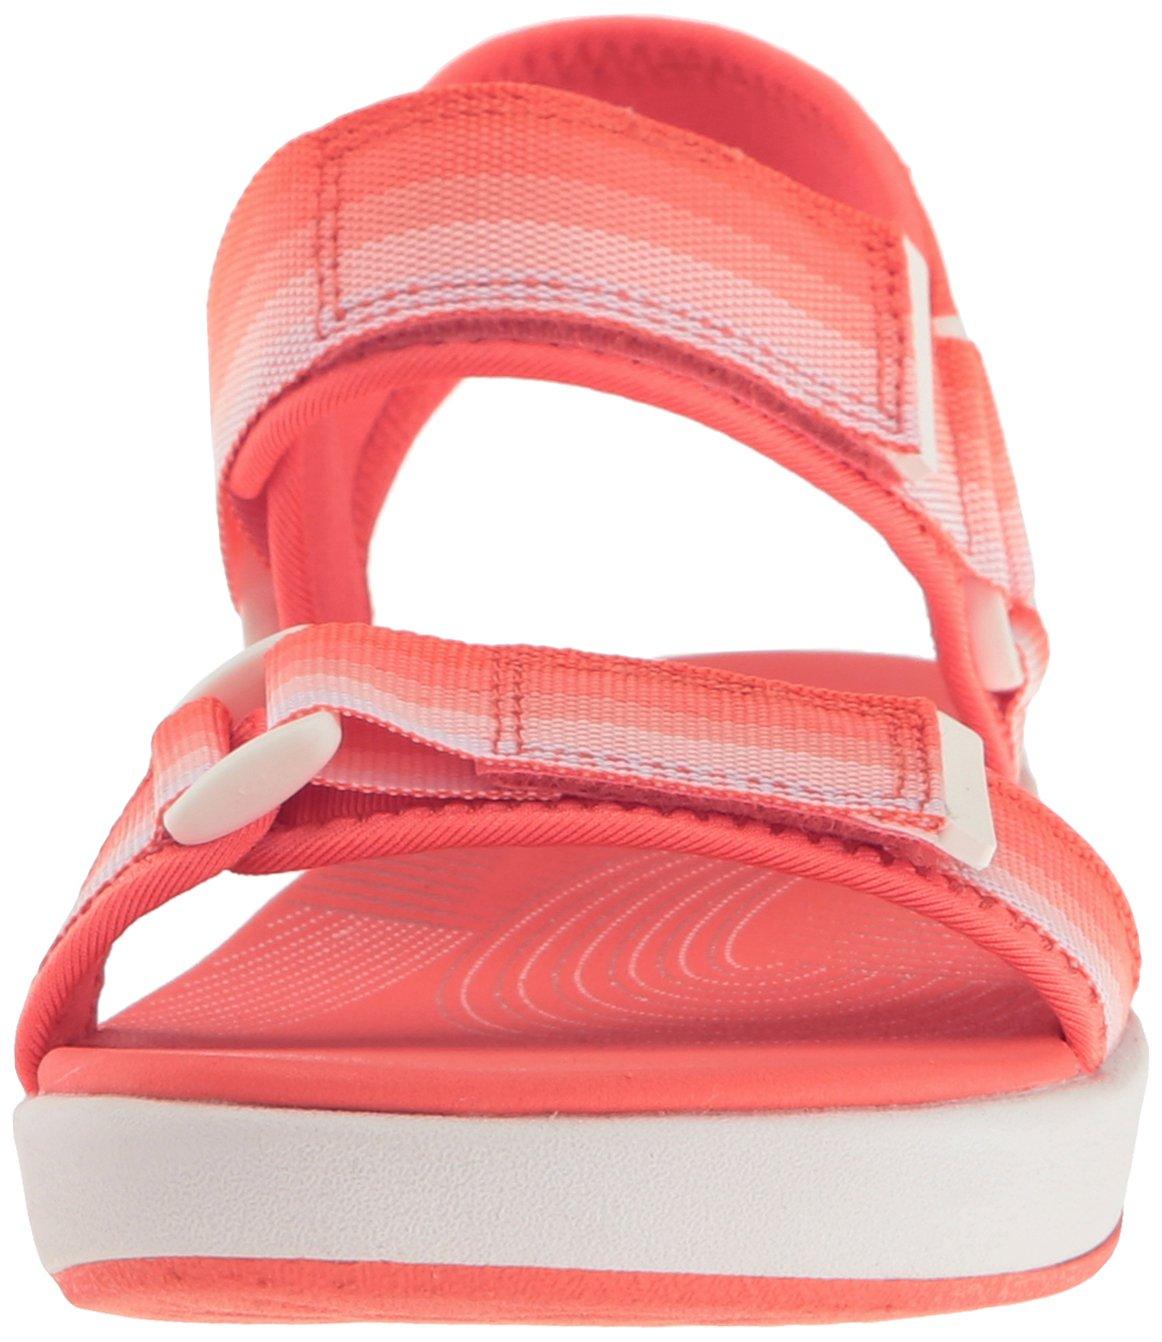 03e81c2fd56bc ... CLARKS Women s Brizo Ravena B(M) Flat Sandal B01IAVXMNC 5.5 B(M) ...